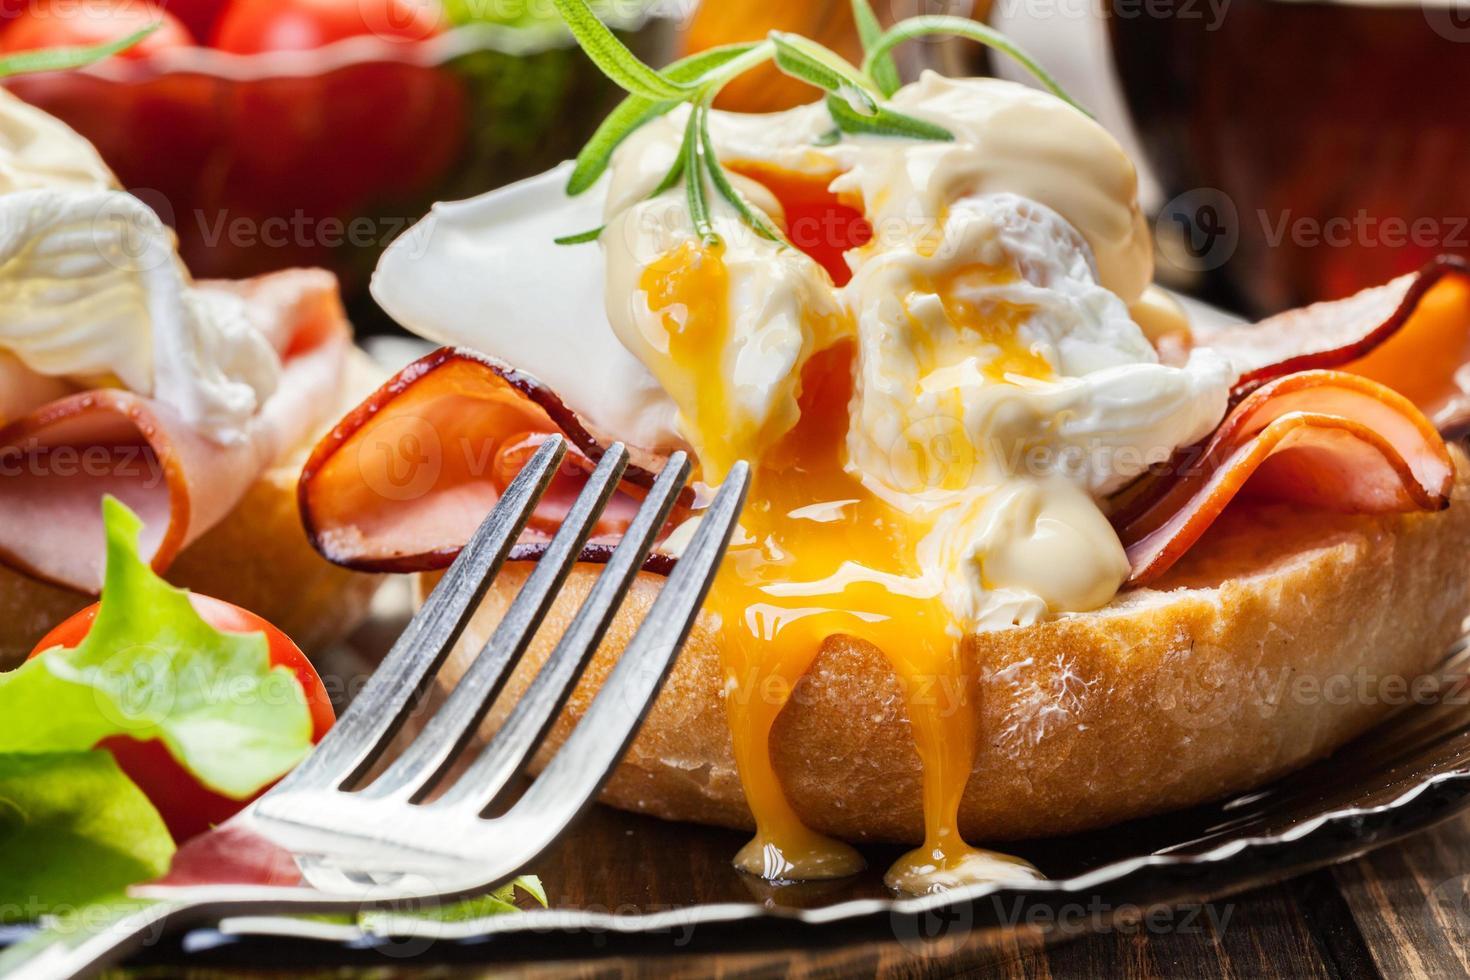 ägg benedict på rostade muffins med skinka foto